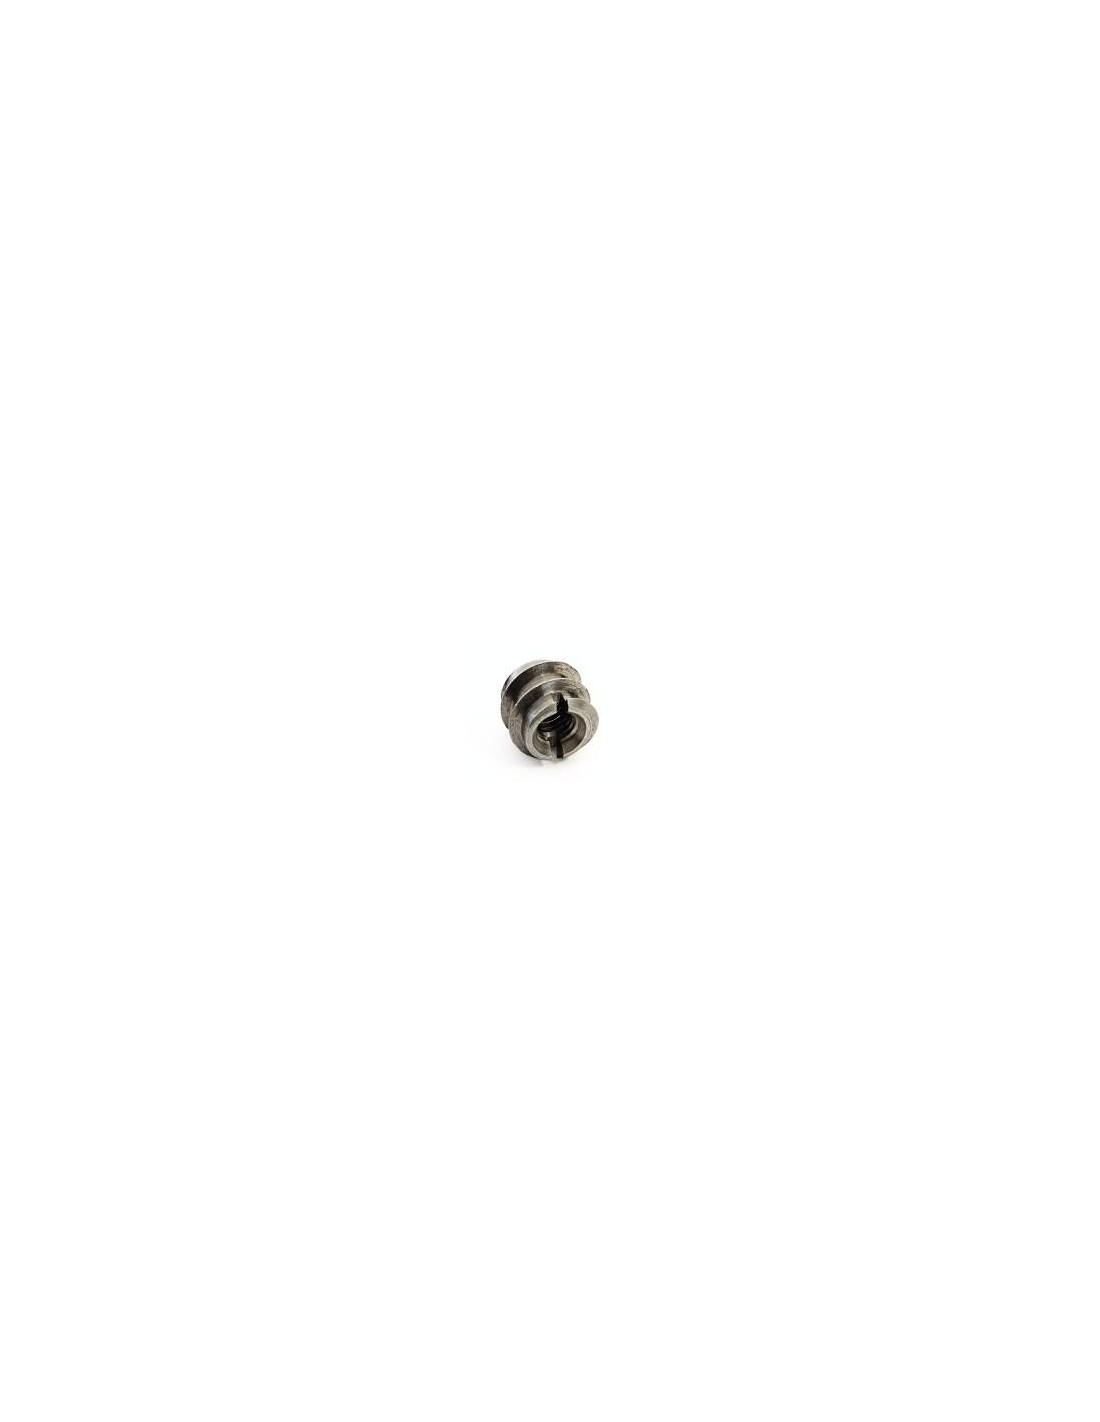 UPP00043 - Countersink screw for tap handles